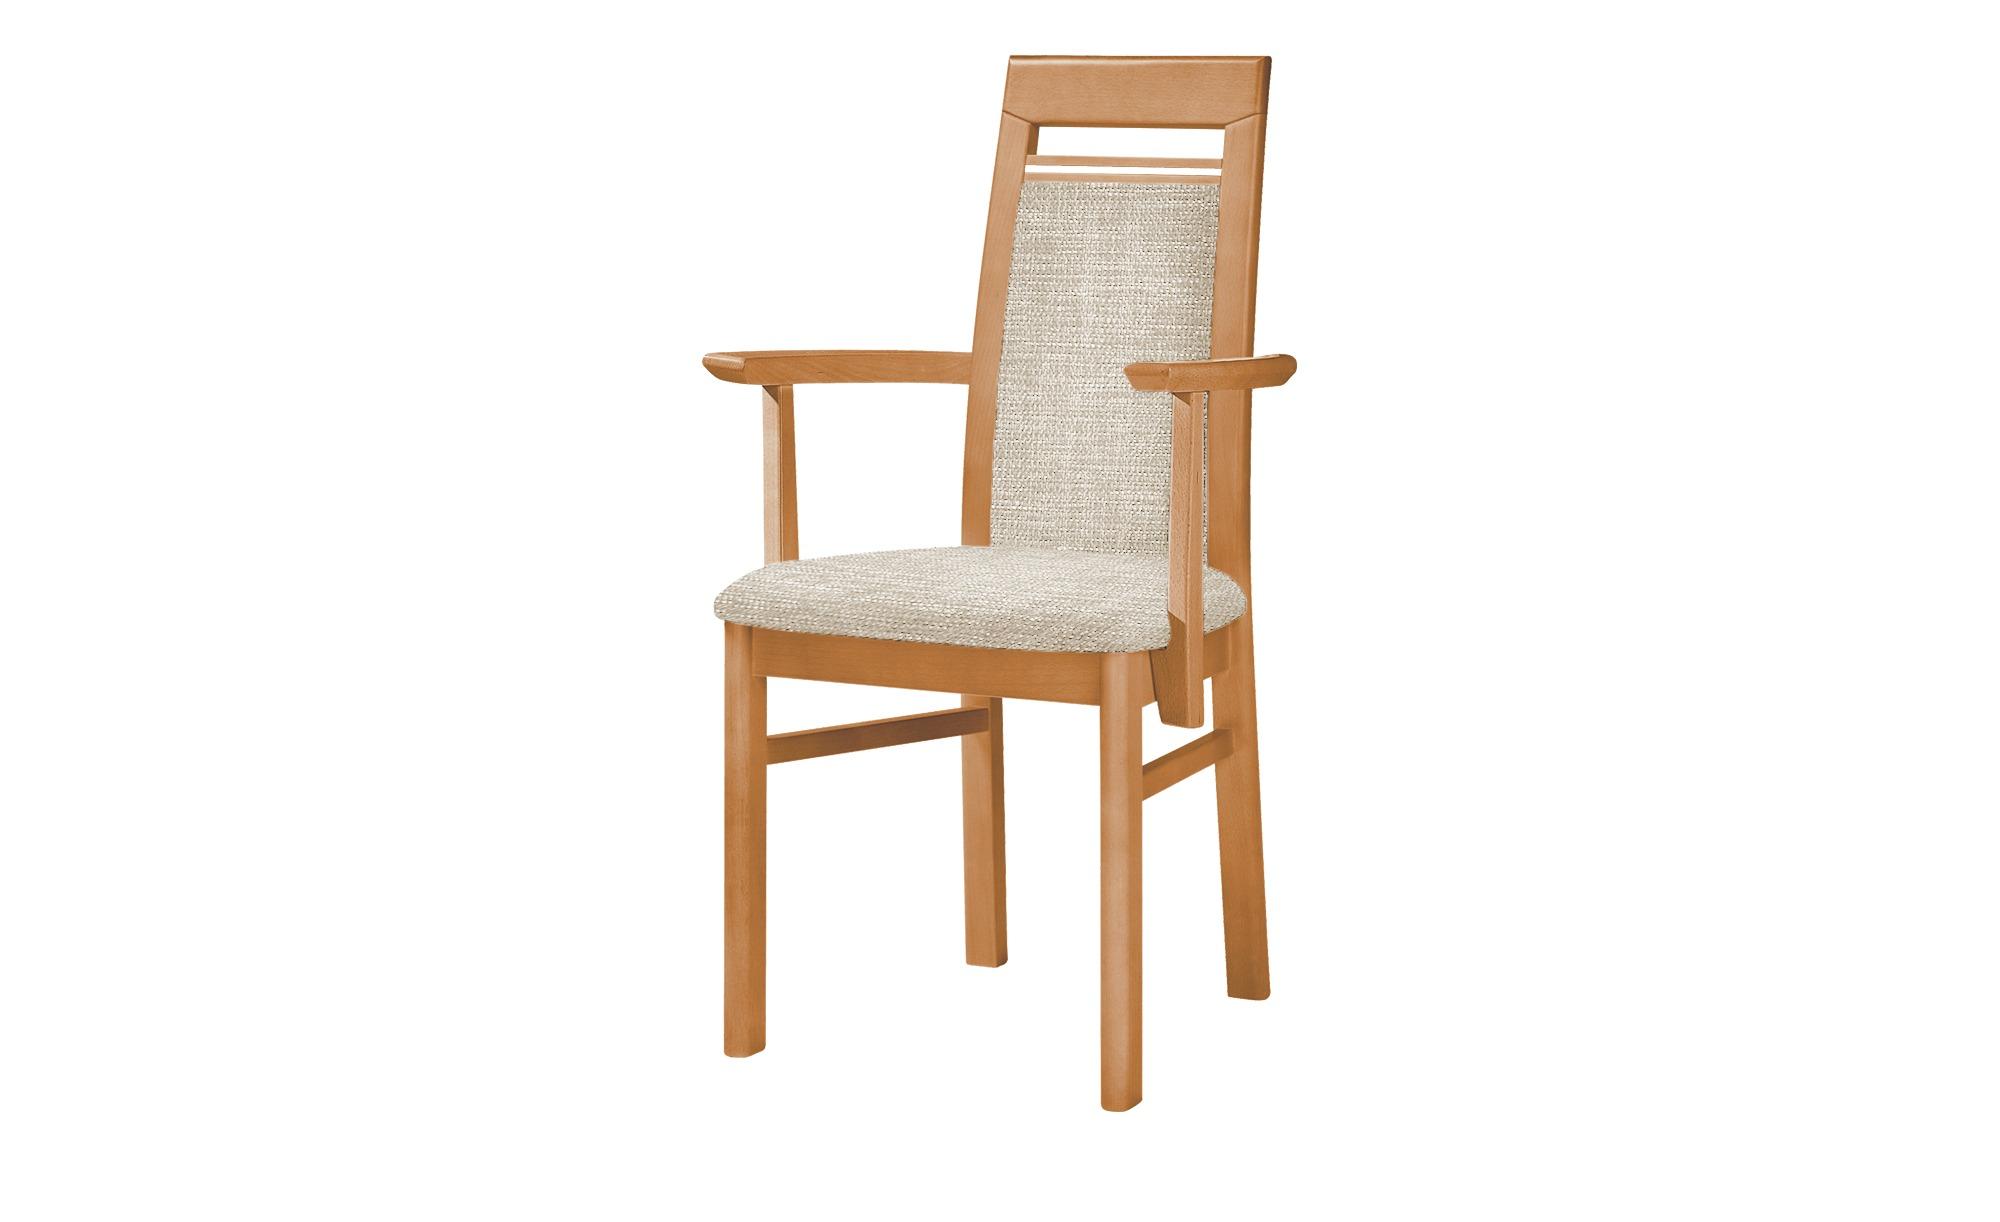 Stuhl  Cristal ¦ weiß ¦ Maße (cm): B: 60 H: 99 T: 56 Stühle > Esszimmerstühle > Esszimmerstühle mit Armlehnen - Höffner   Küche und Esszimmer > Stühle und Hocker > Esszimmerstühle   Weiß   Webstoff - Holz   Möbel Höffner DE